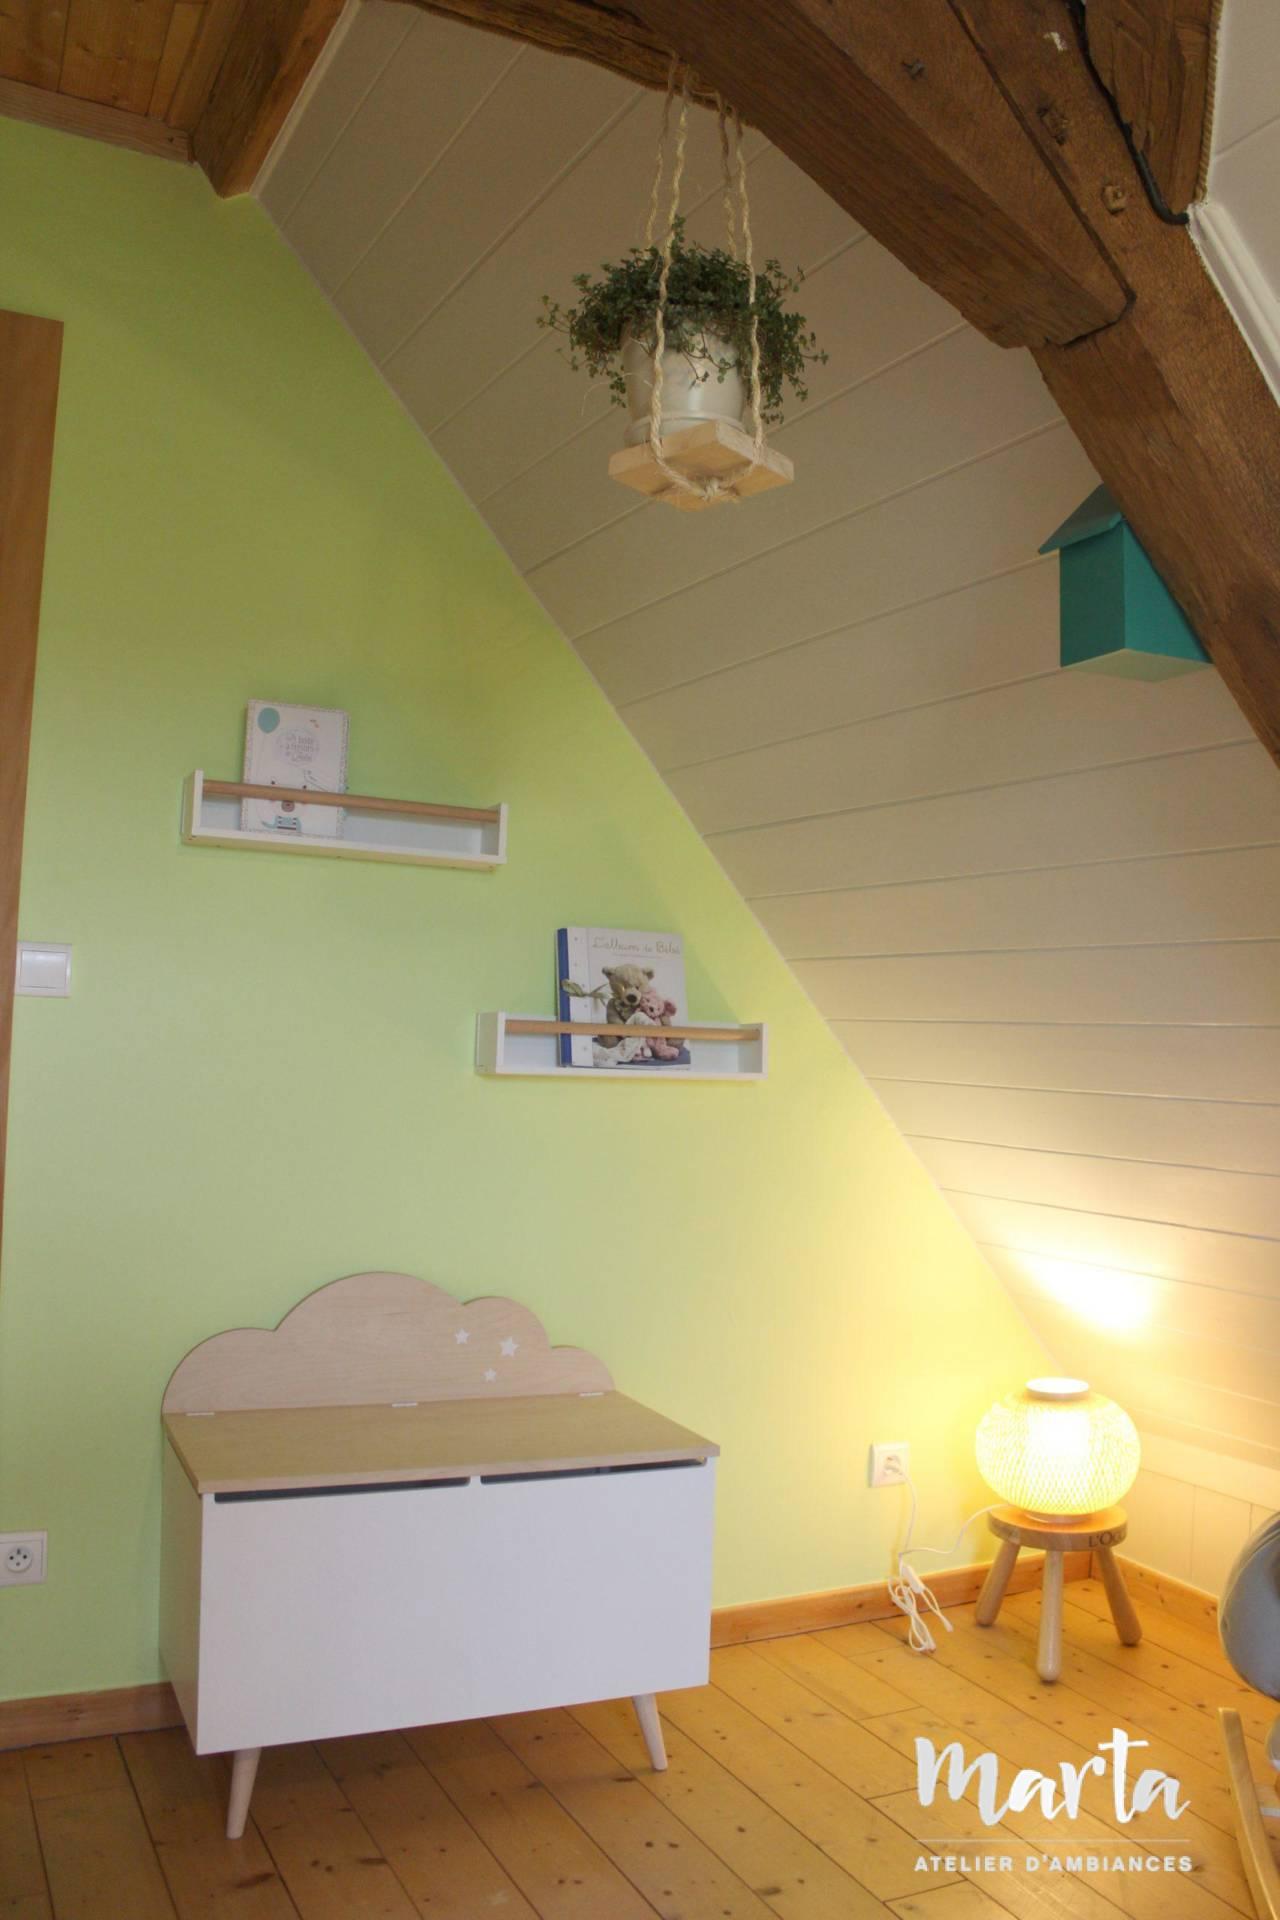 Vert citronnelle, blanc et bois clair sont le fil conducteur de ce projet, par Marta Atelier d'Ambiances, Architecte d'intérieur à Mulhouse, Alsace